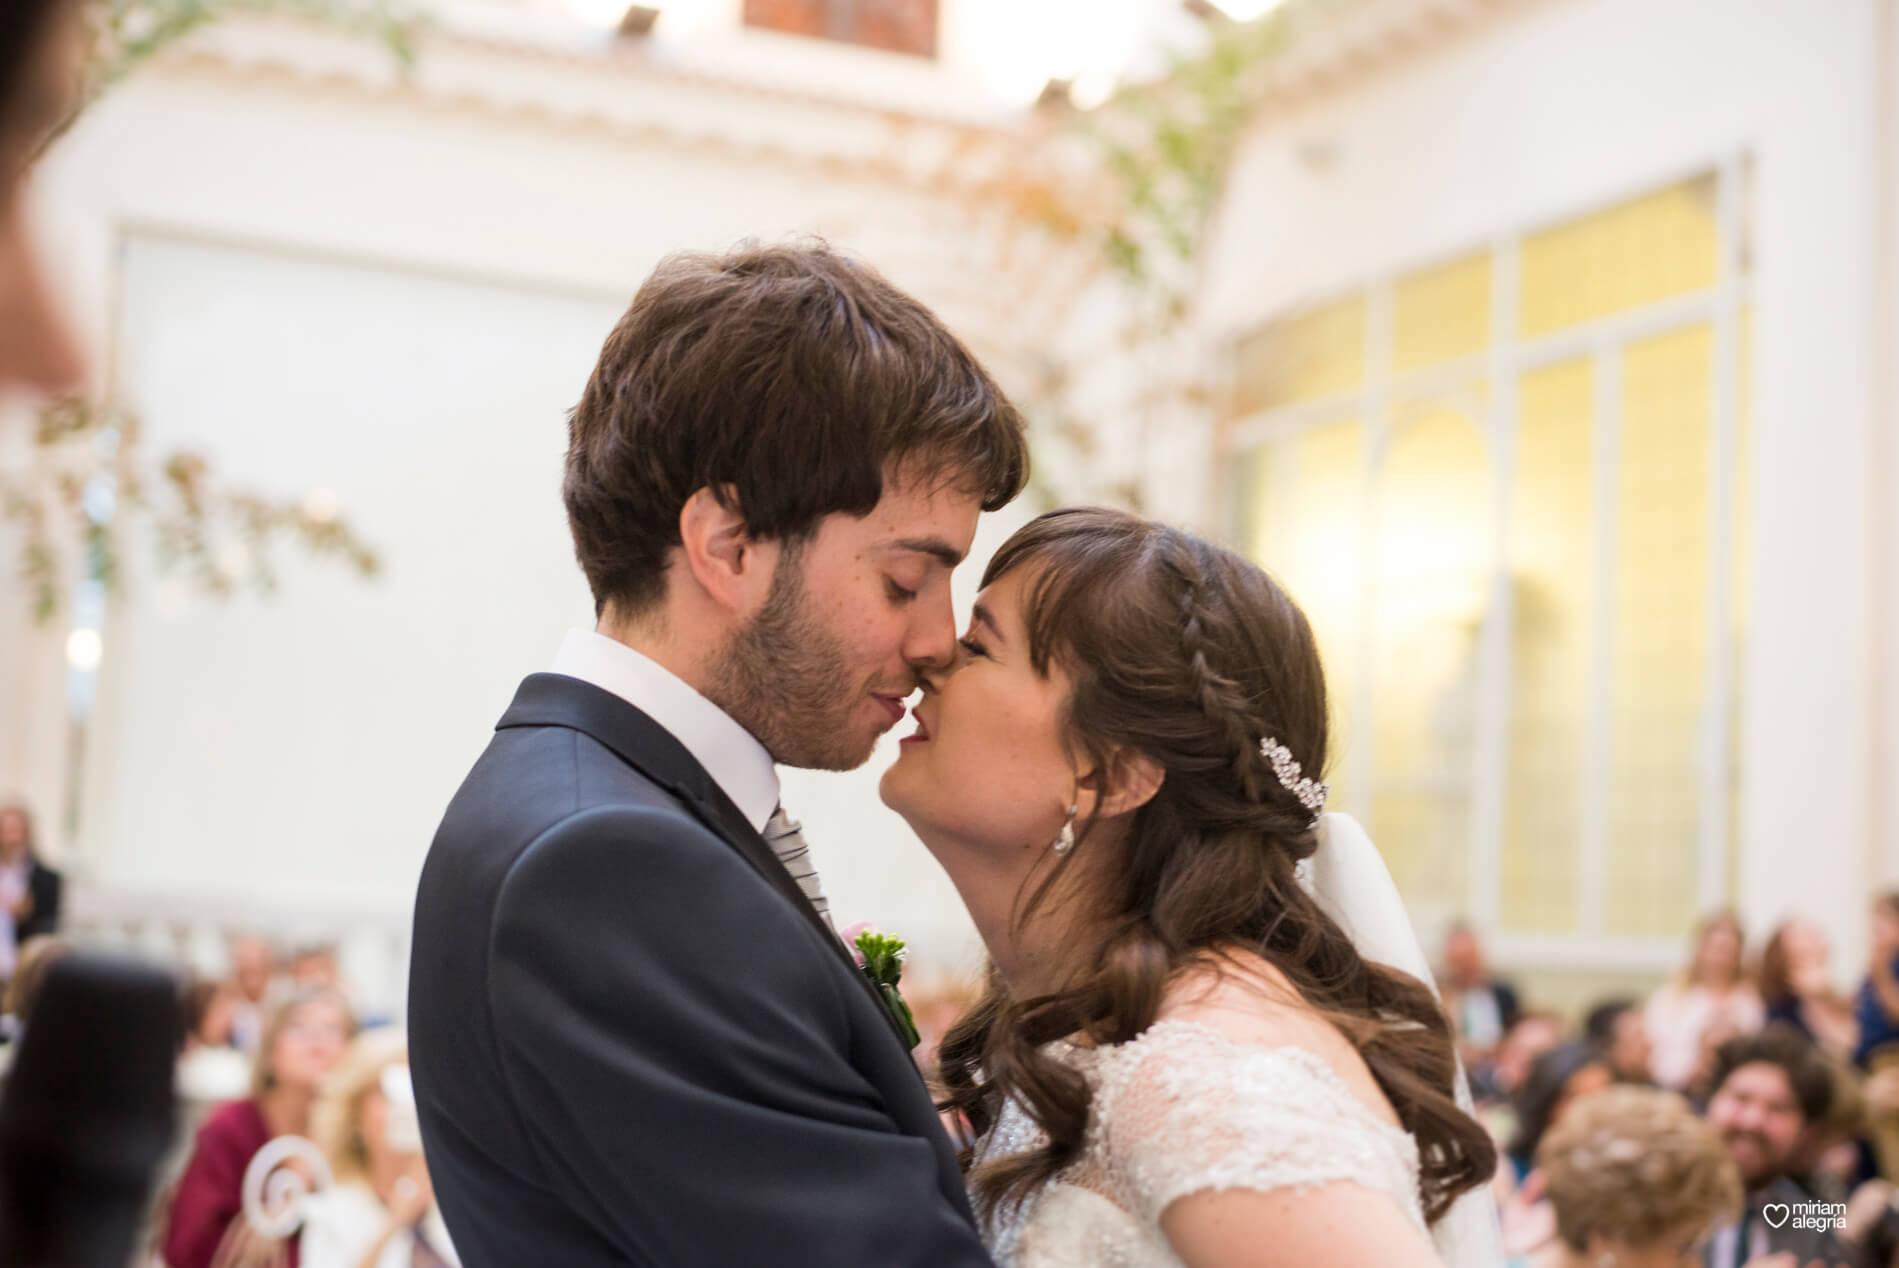 boda-civil-en-el-casino-de-murcia-miriam-alegria-fotografos-de-boda-33